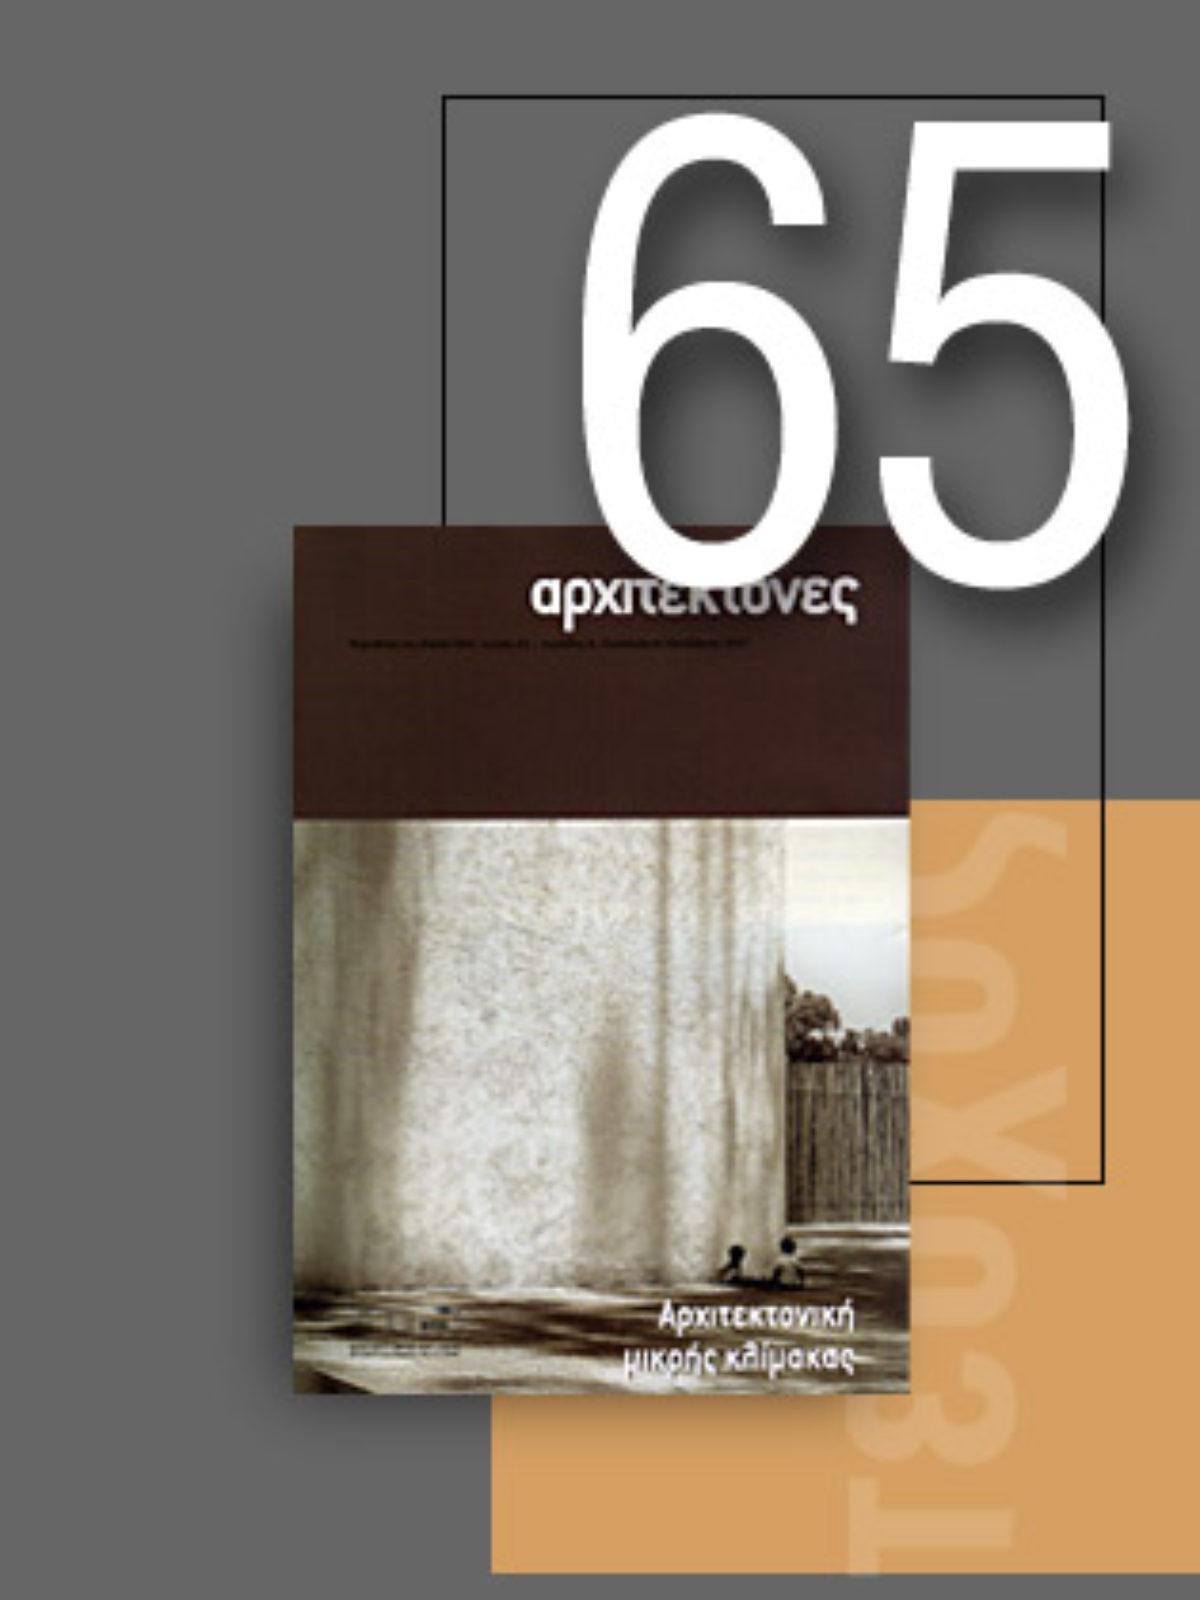 «Αρχιτέκτονες» Τεύχος 65, Περίοδος Β', Σεπτέμβριος/Οκτώβριος 2007 | Αρχιτεκτονική μικρής κλίμακας